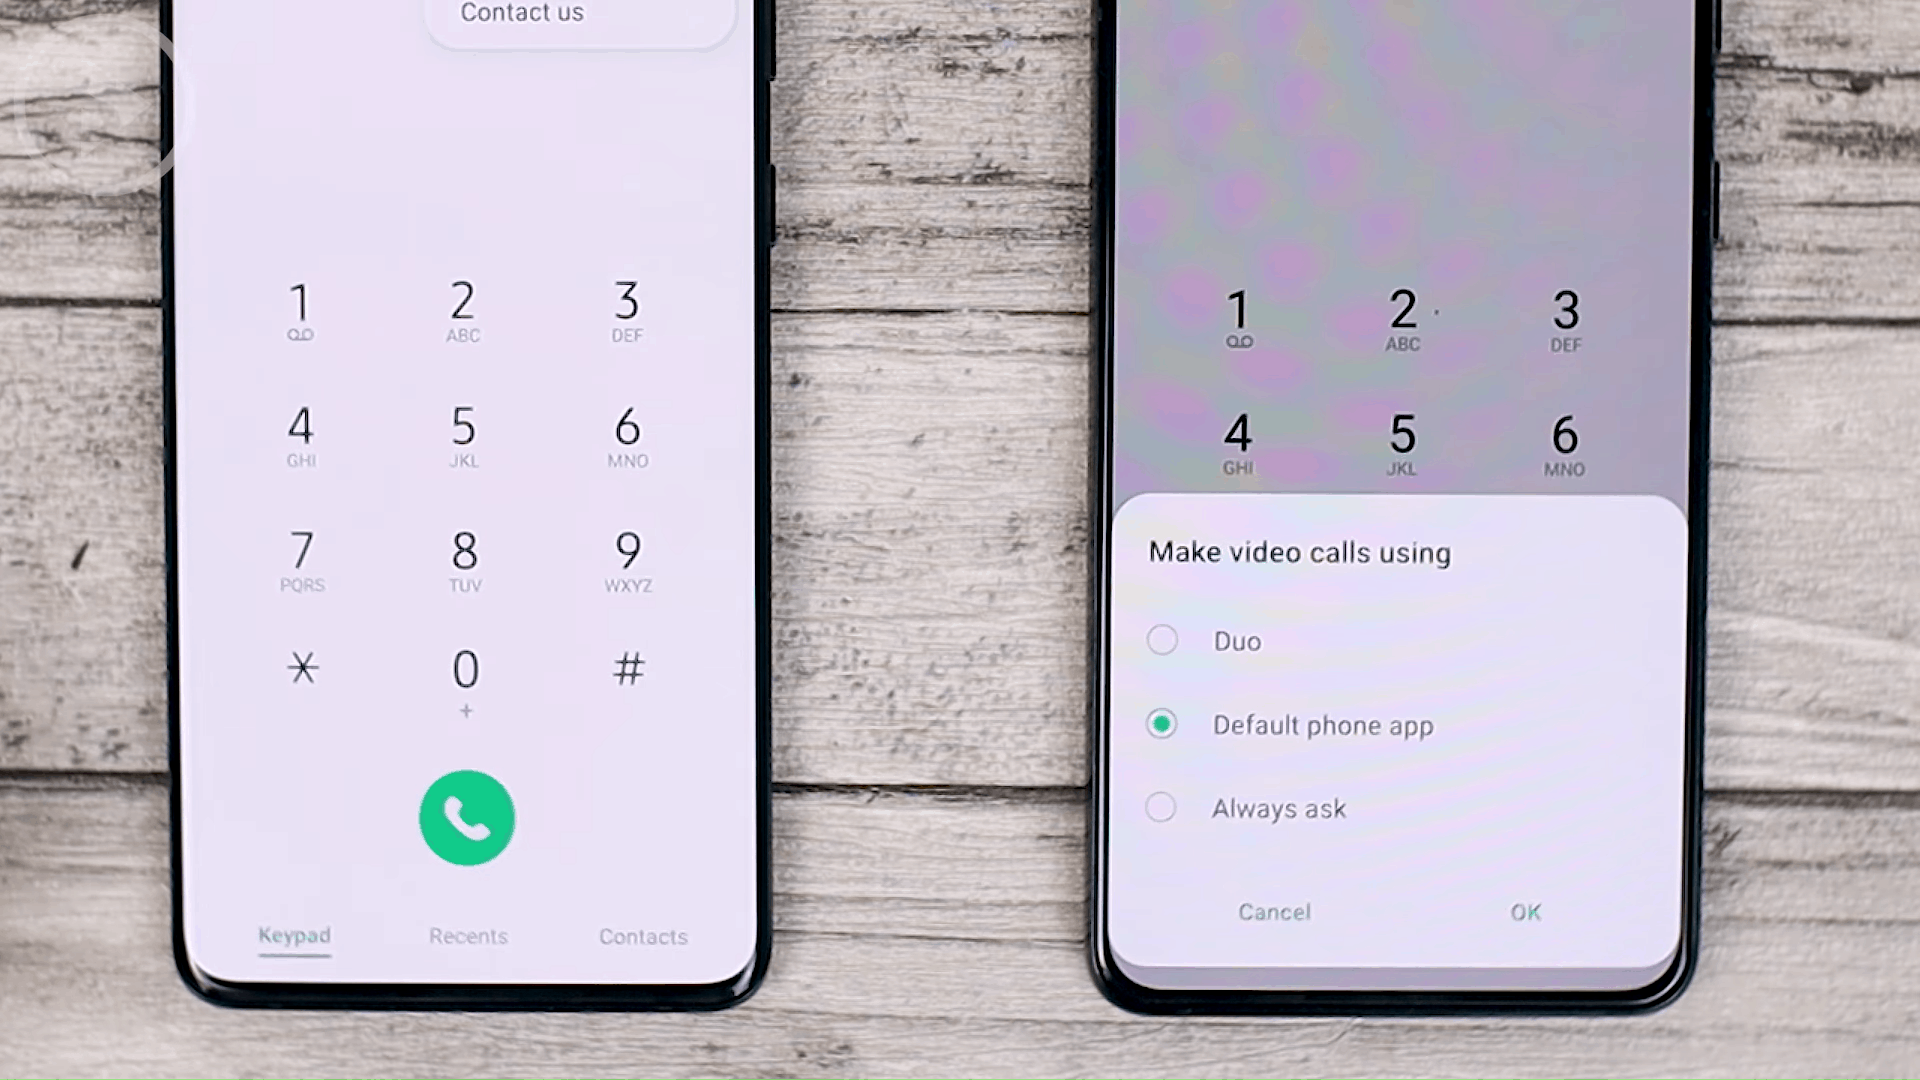 Phone Dial - Cek Fitur Terbaru One UI 3.1 di Samsung S21+ yang Belum Tersedia di One UI 3.0 Samsung S20+ (PART 2)